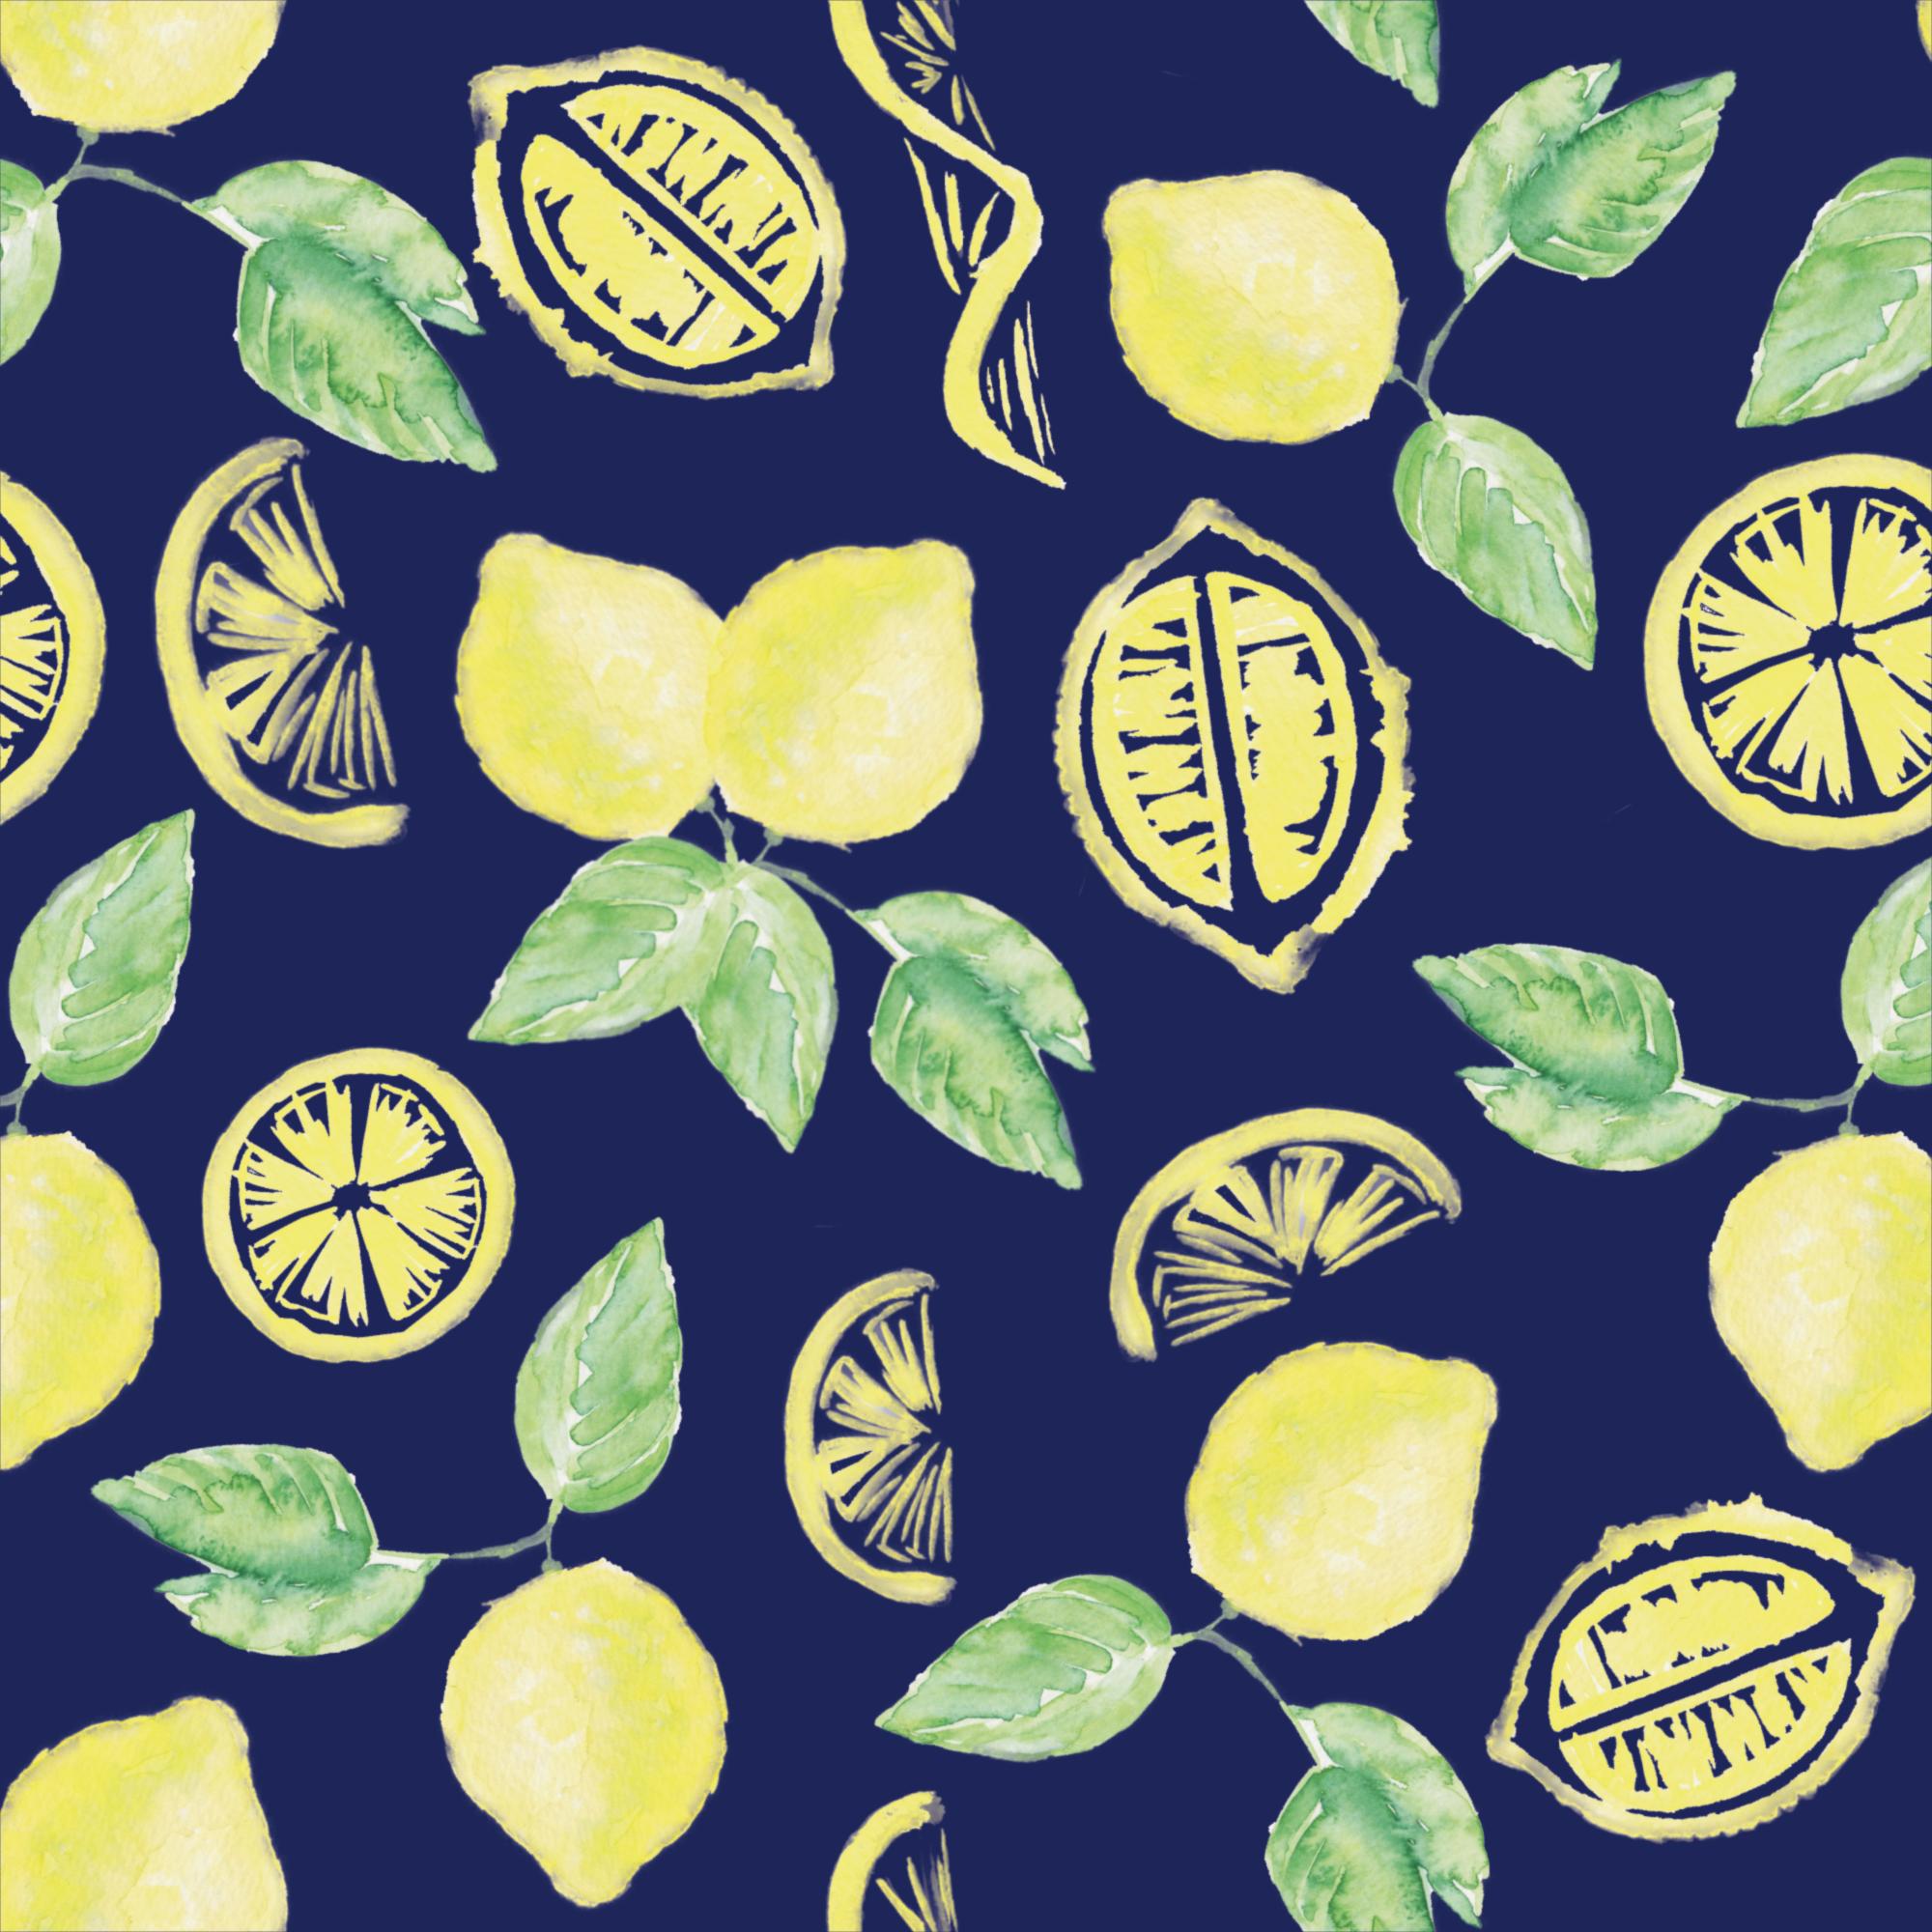 Lemon Pattern Zitronen Muster - inkanotes Calligraphy Kalligraphie Watercolor Aquarell Florals Botanicals Blumen Botanische Designer Deutschland Germany Nachhaltig Ecofriendly_10